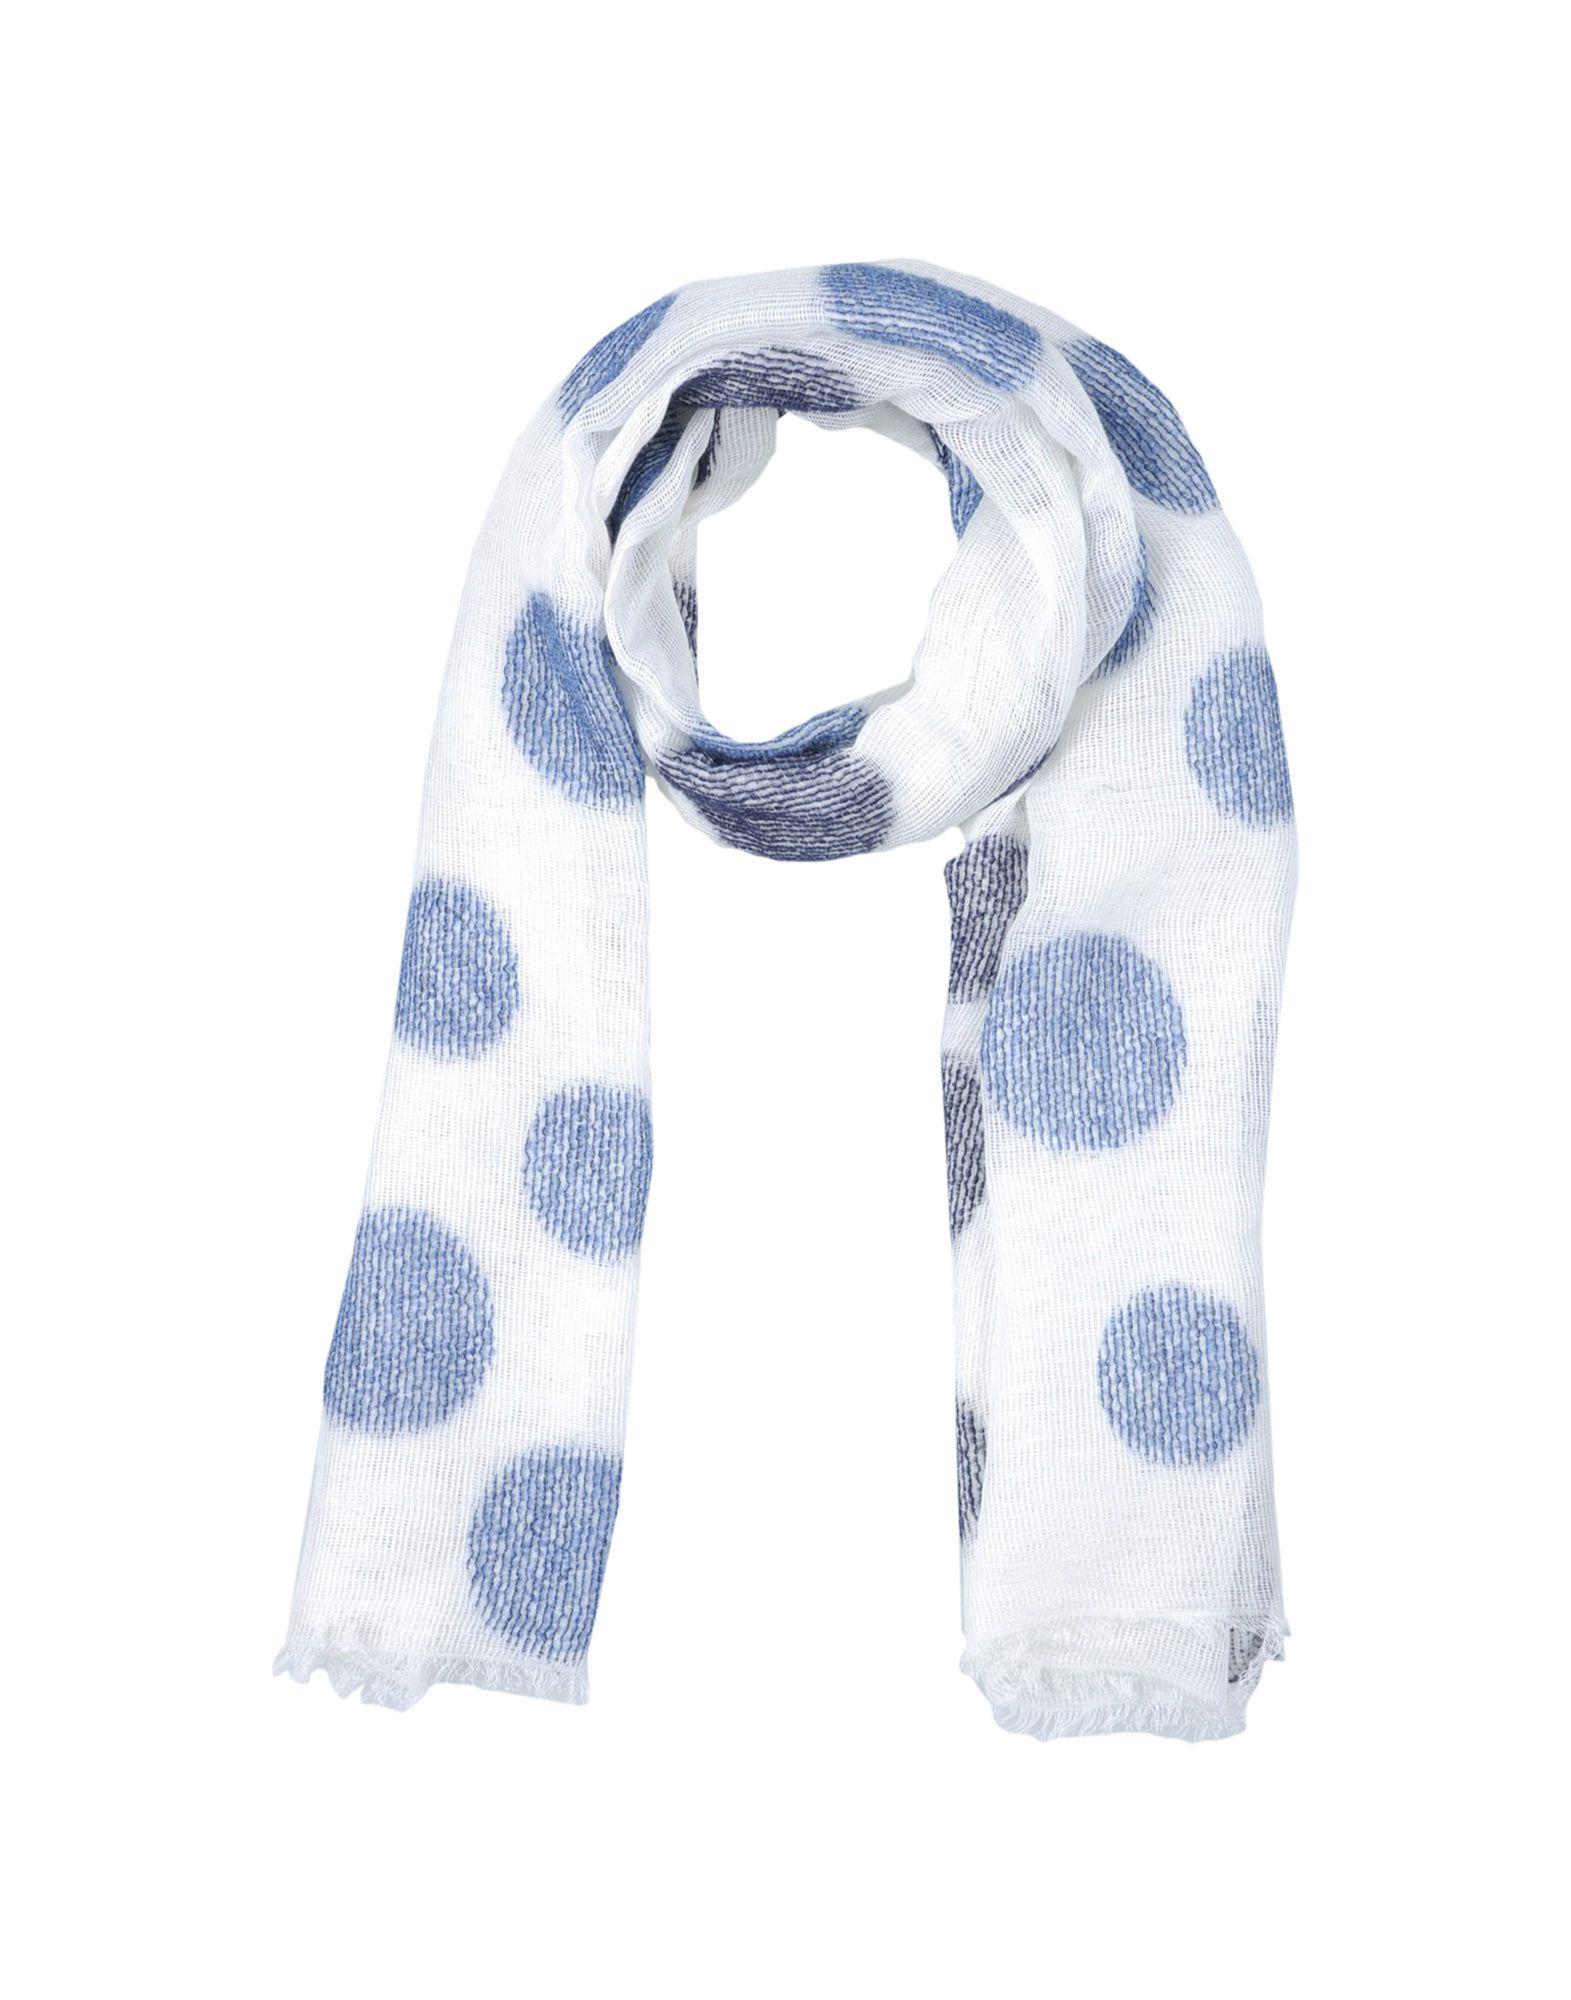 RODA Damen Schal Farbe Weiß Größe 1 jetztbilligerkaufen